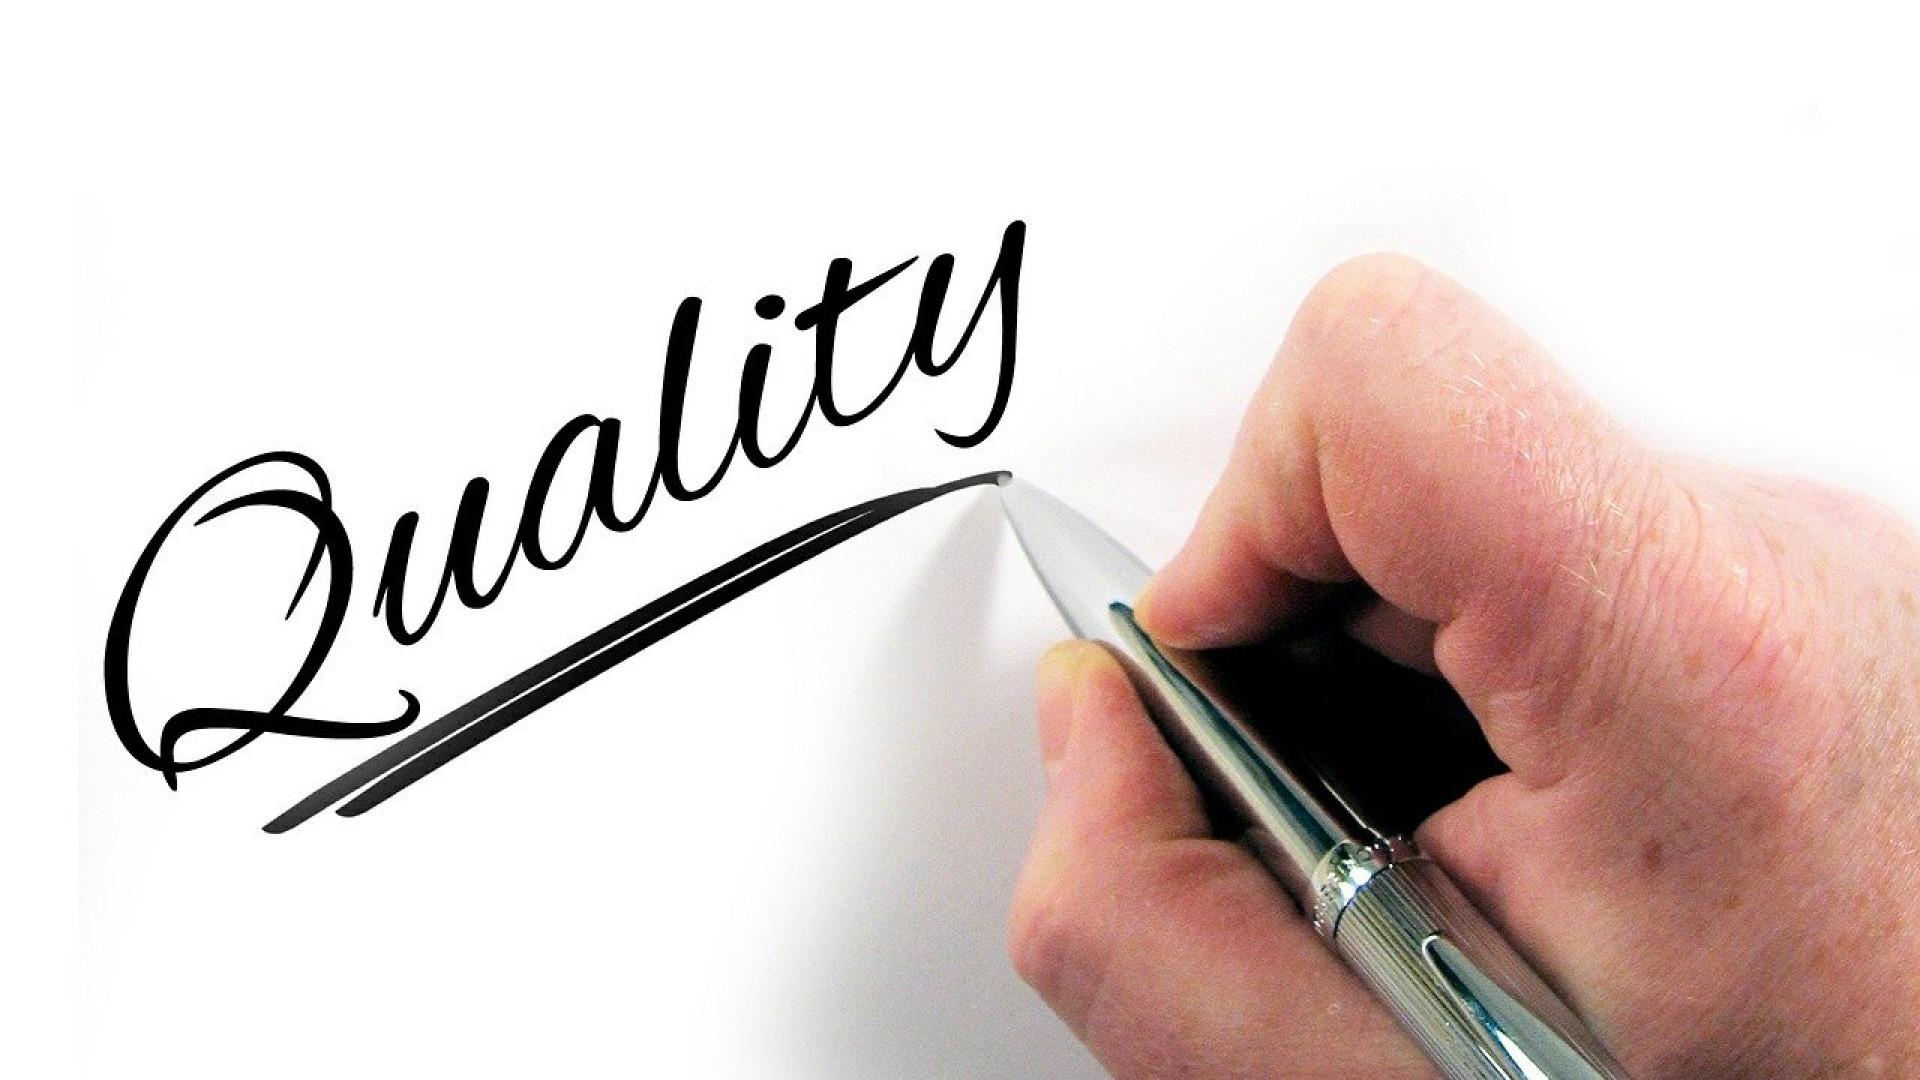 La data quality management pour optimiser la collecte des données clients